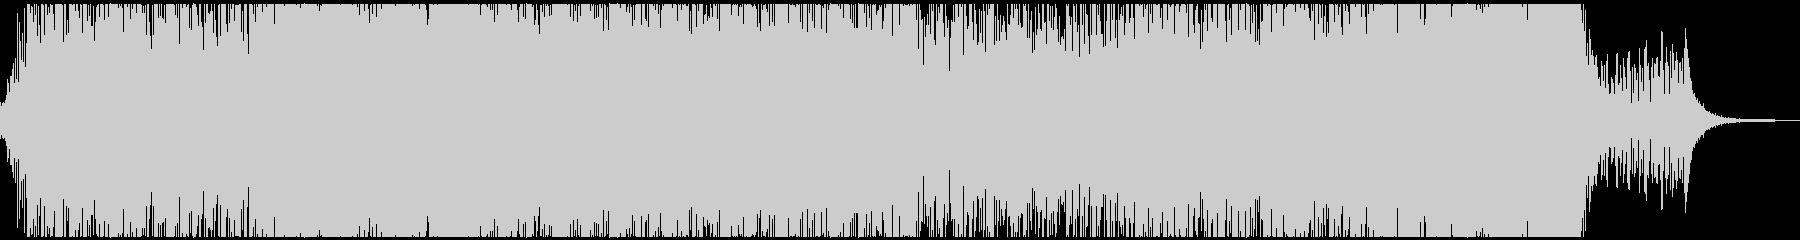 ダークなサスペンスシネマ風サウンドSの未再生の波形